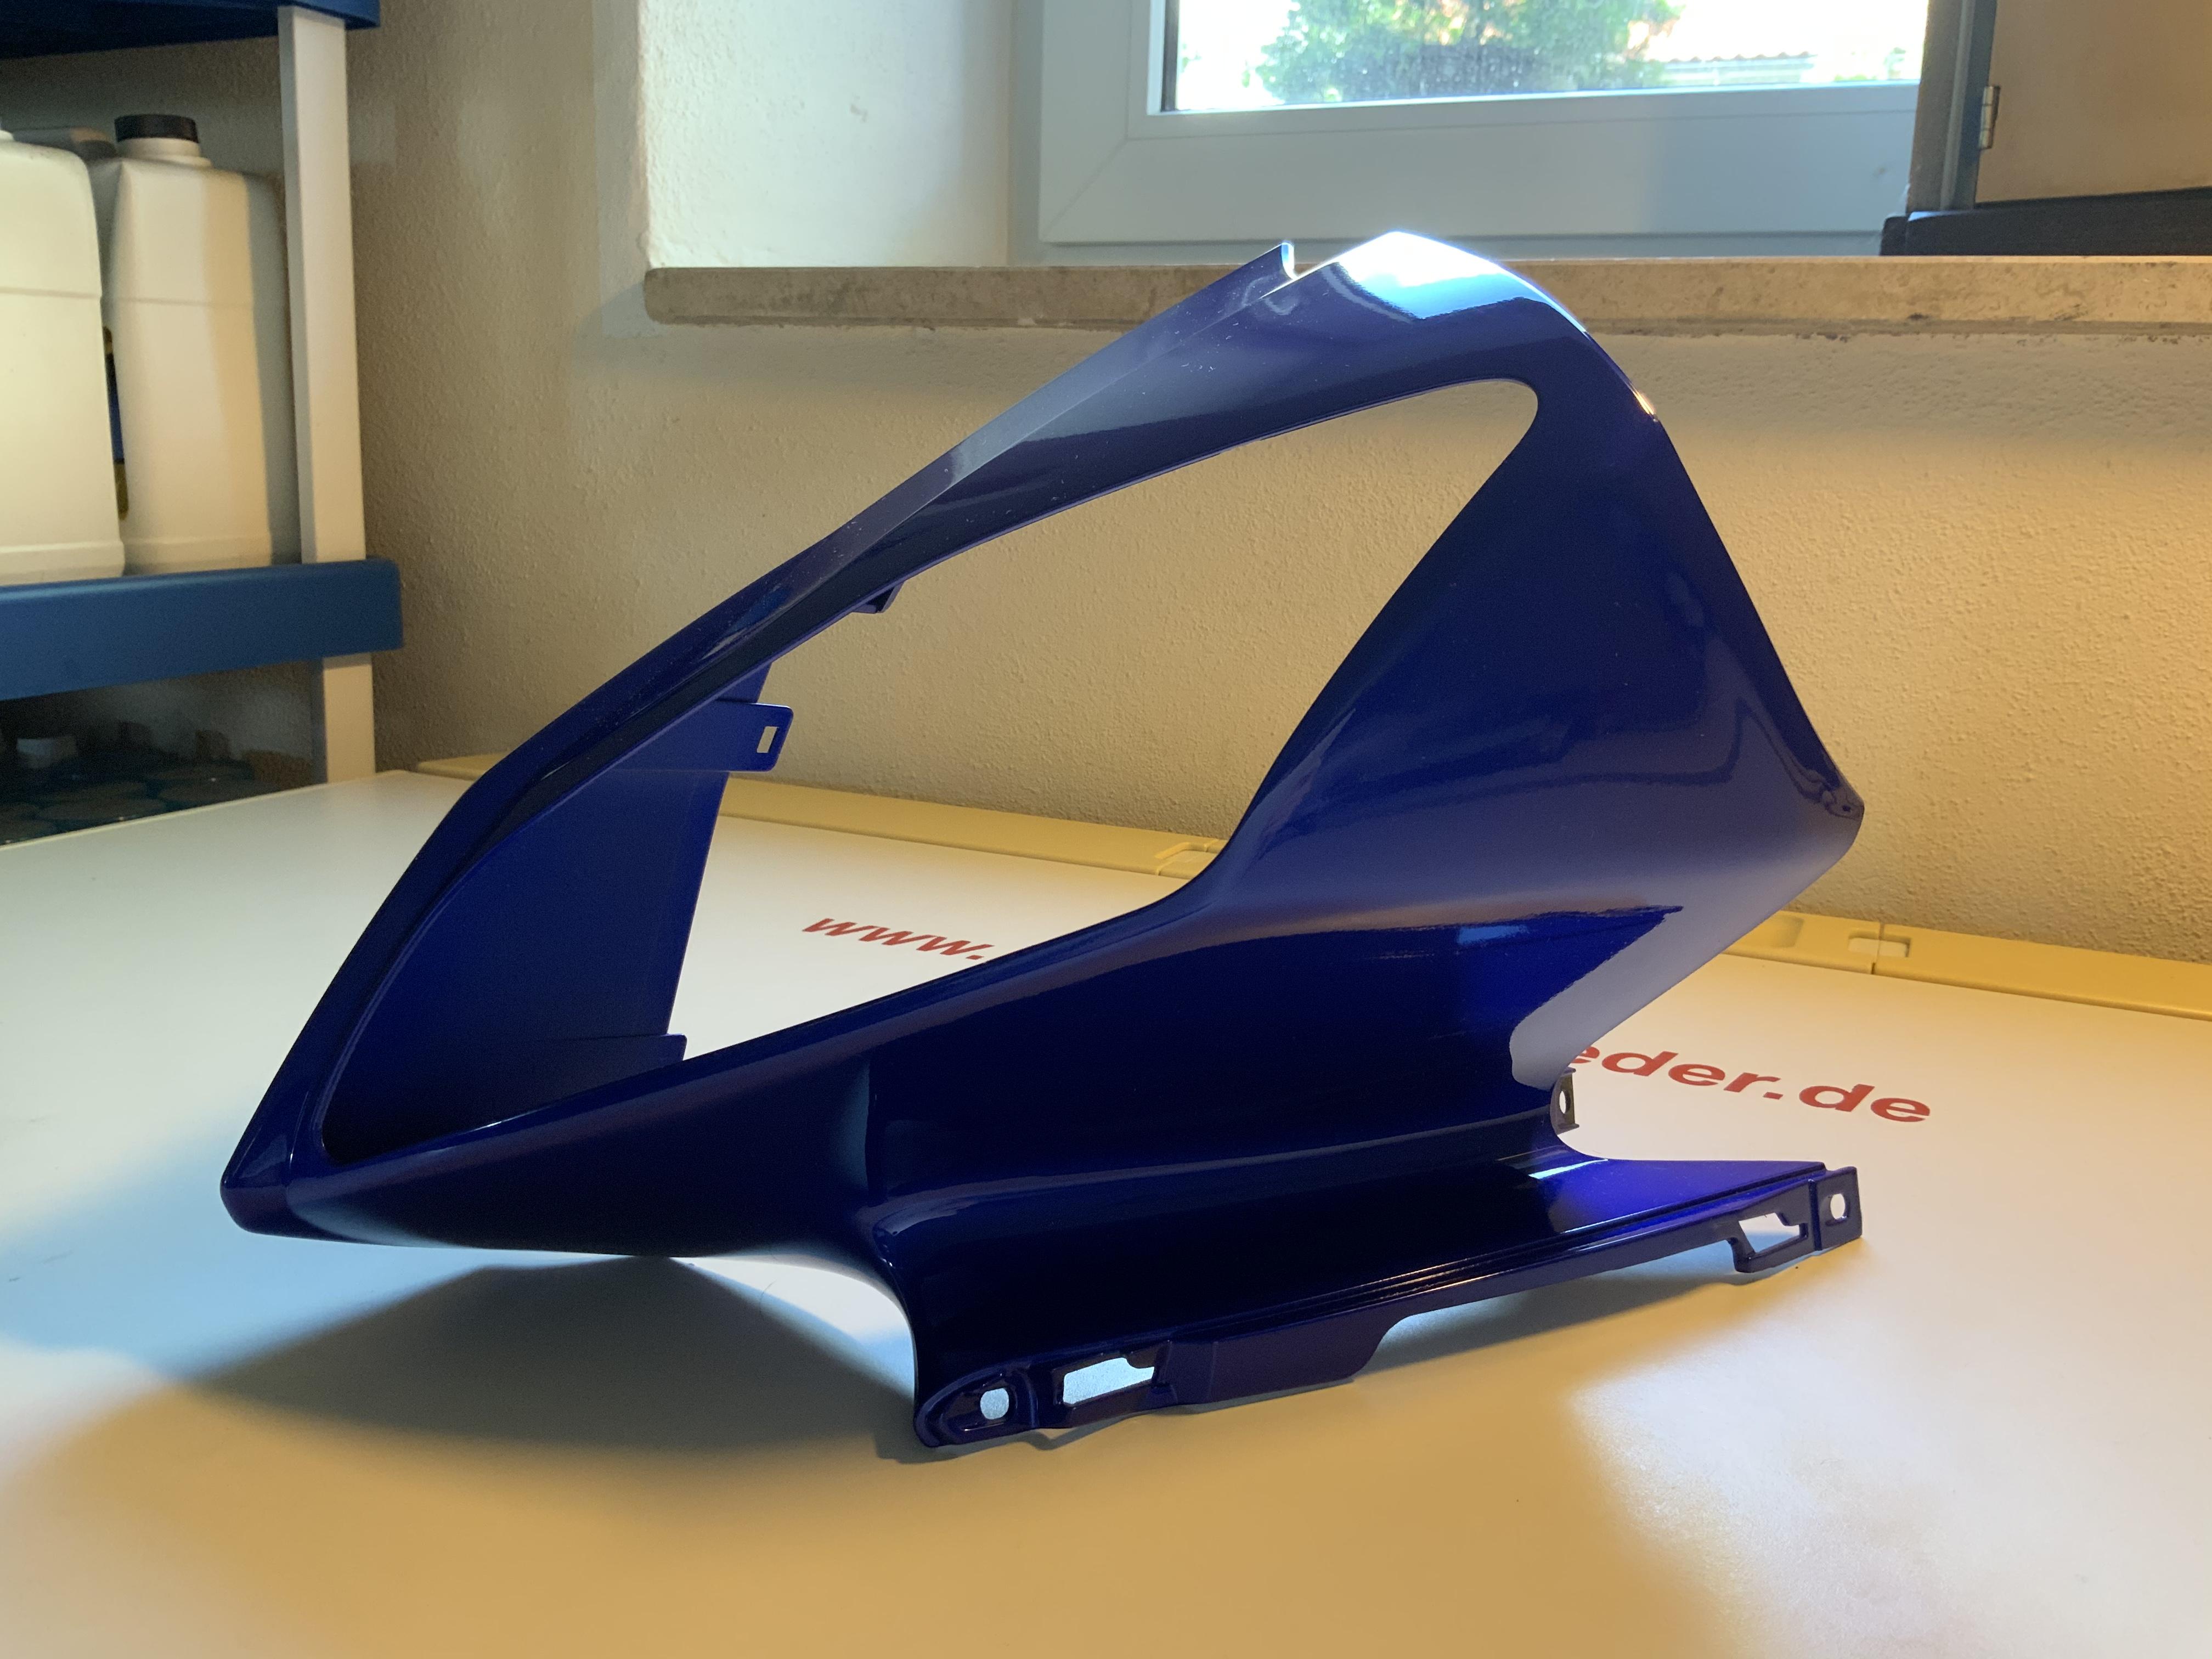 Scheinwerferabdeckung Yamaha R6 RJ 15 Image